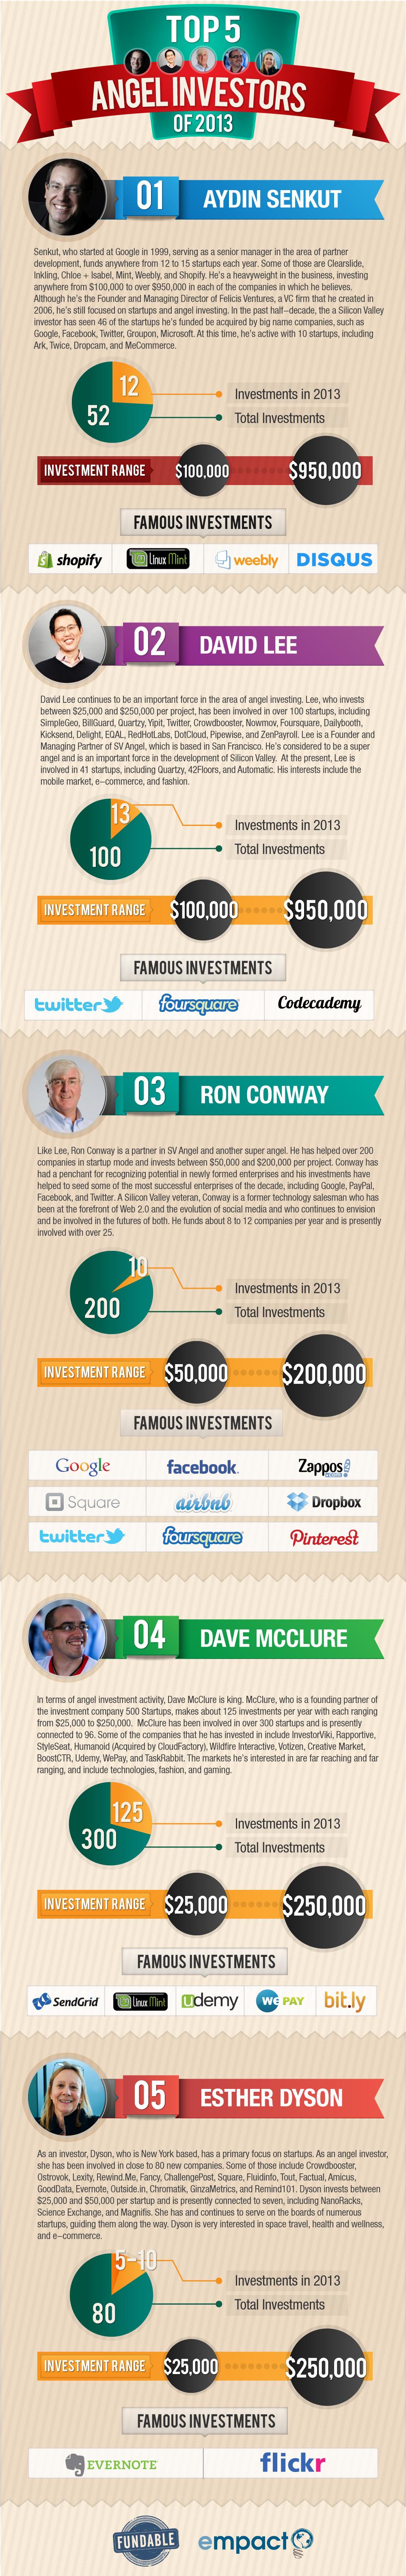 Top 5 Angel Investors of 2013